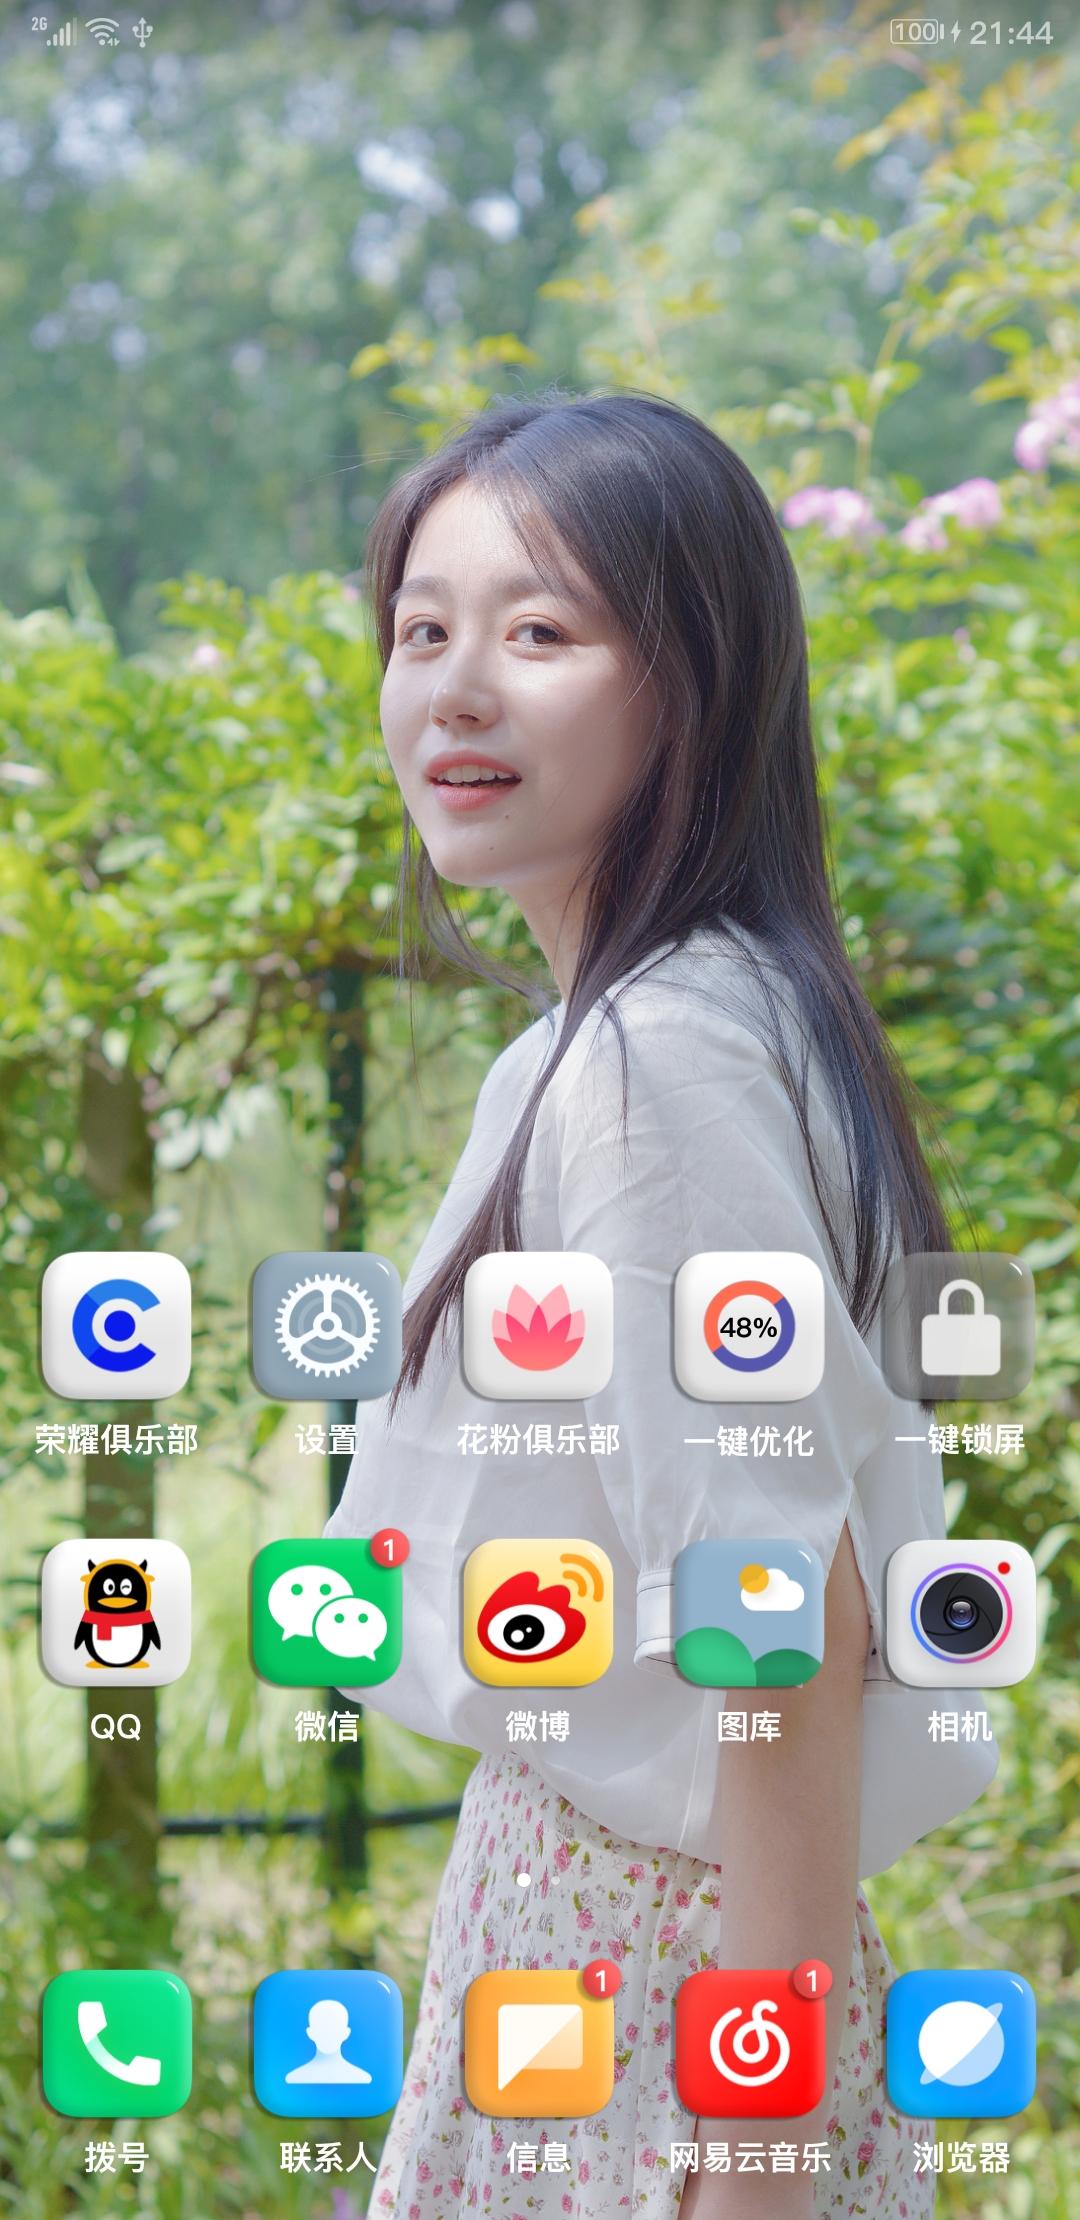 Screenshot_20210607-214411.jpg